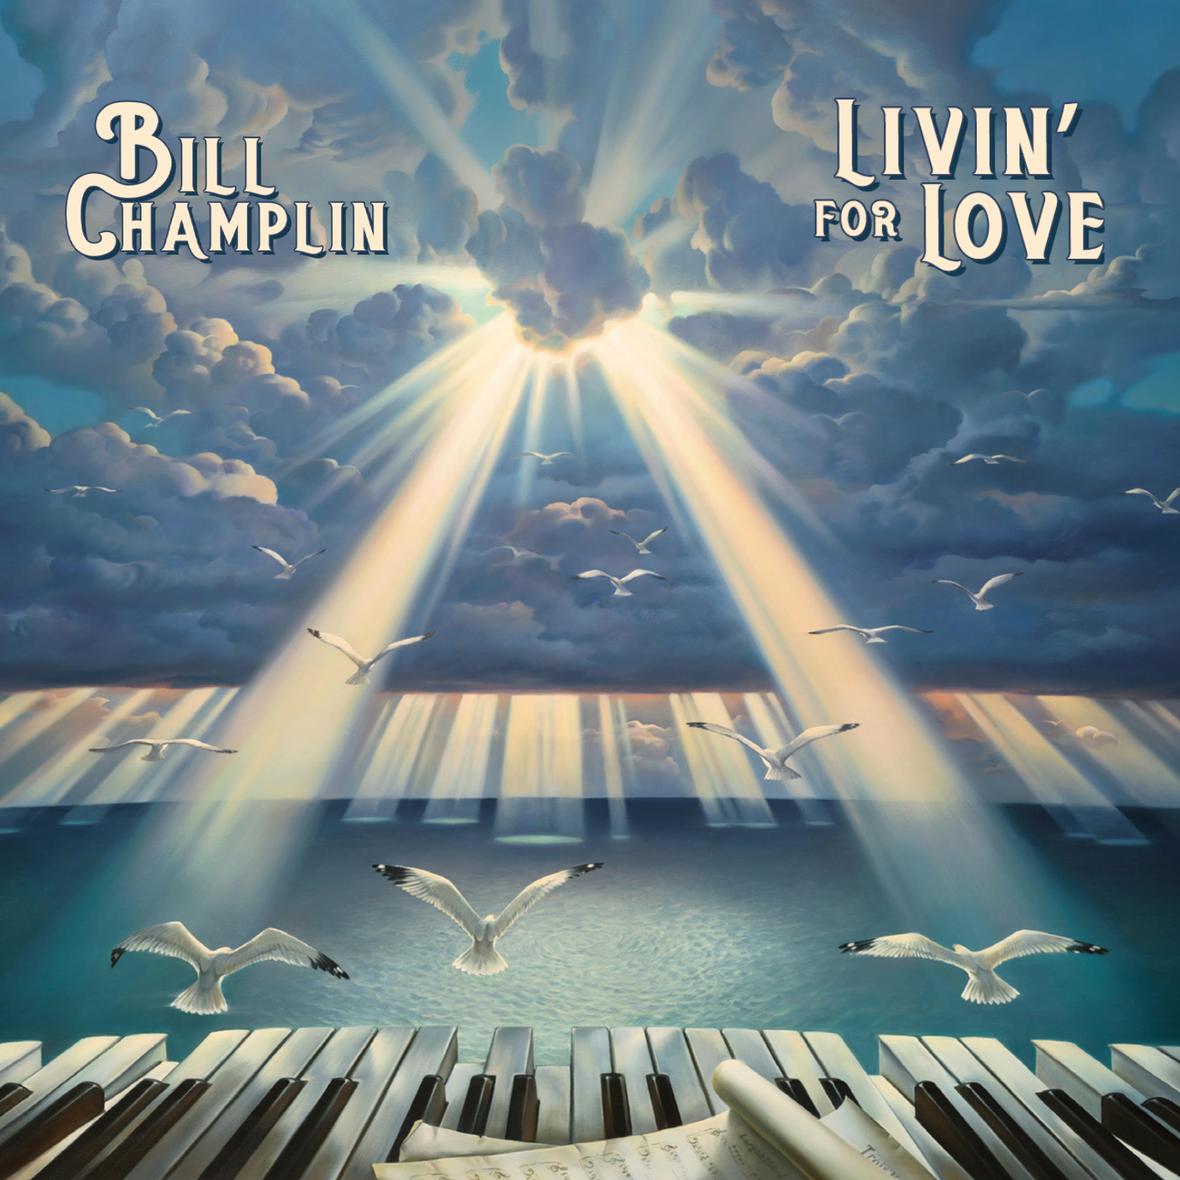 bill champlin livin for love 7